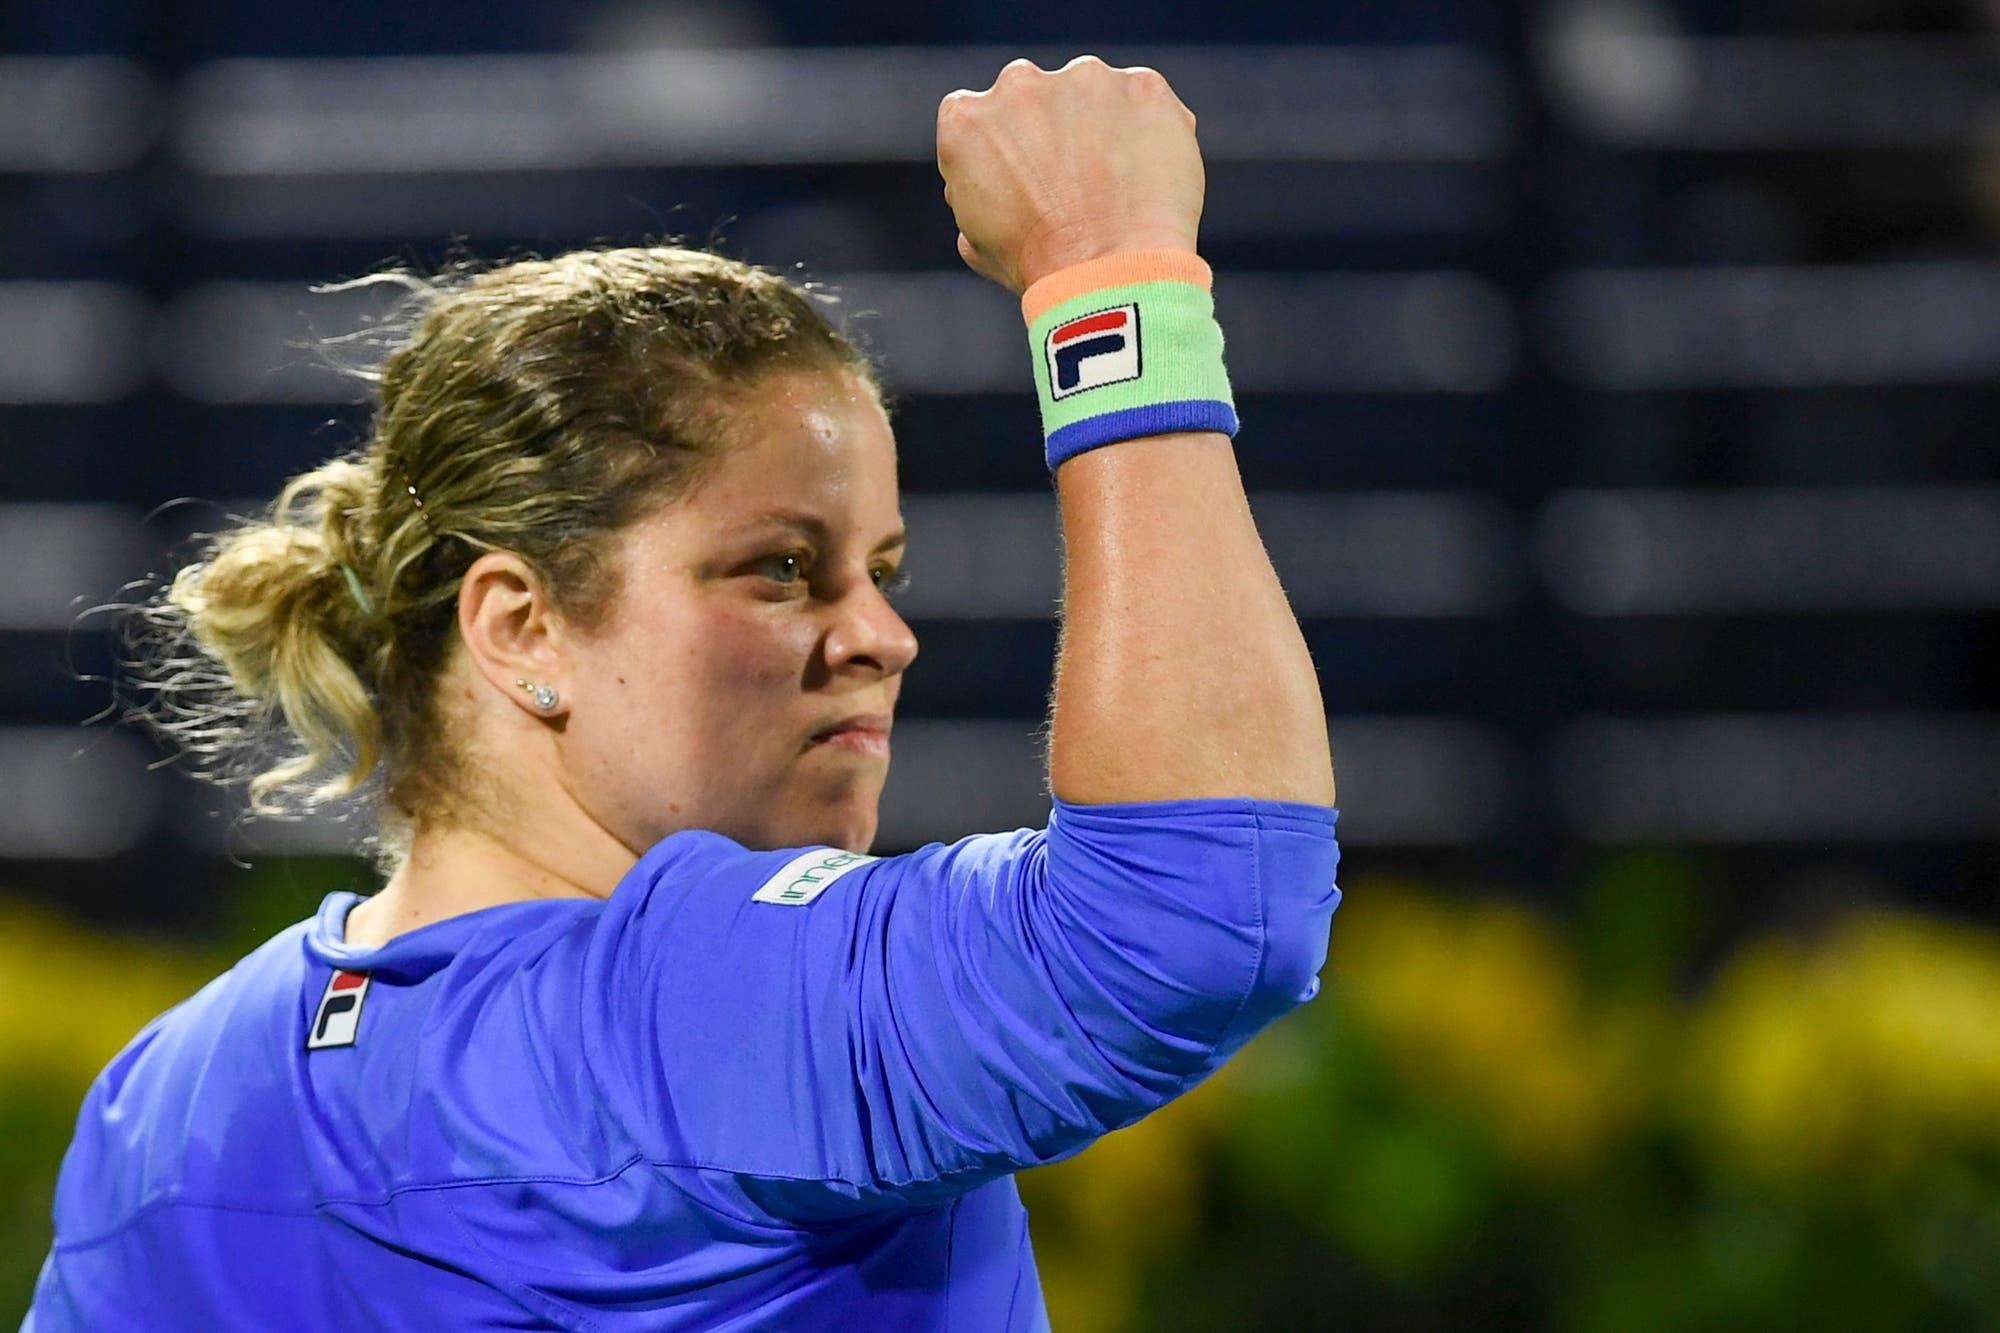 Tenis: la belga Kim Clijsters volvió a jugar después de casi ocho años y maravilló a todos